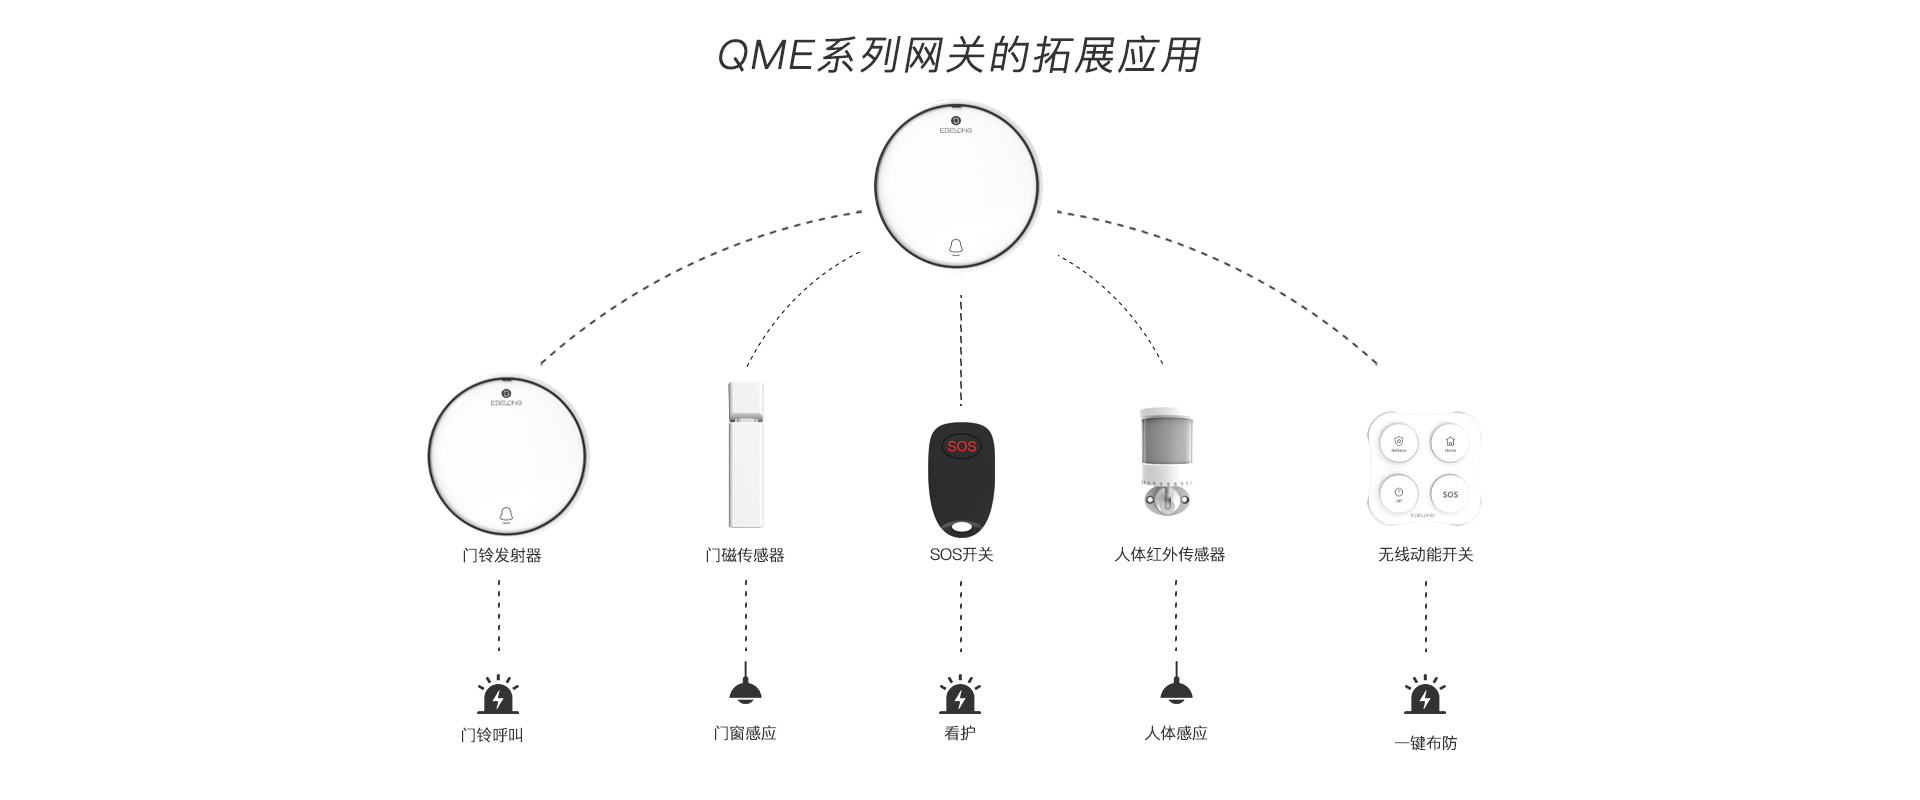 易百珑自发电安防主机QME